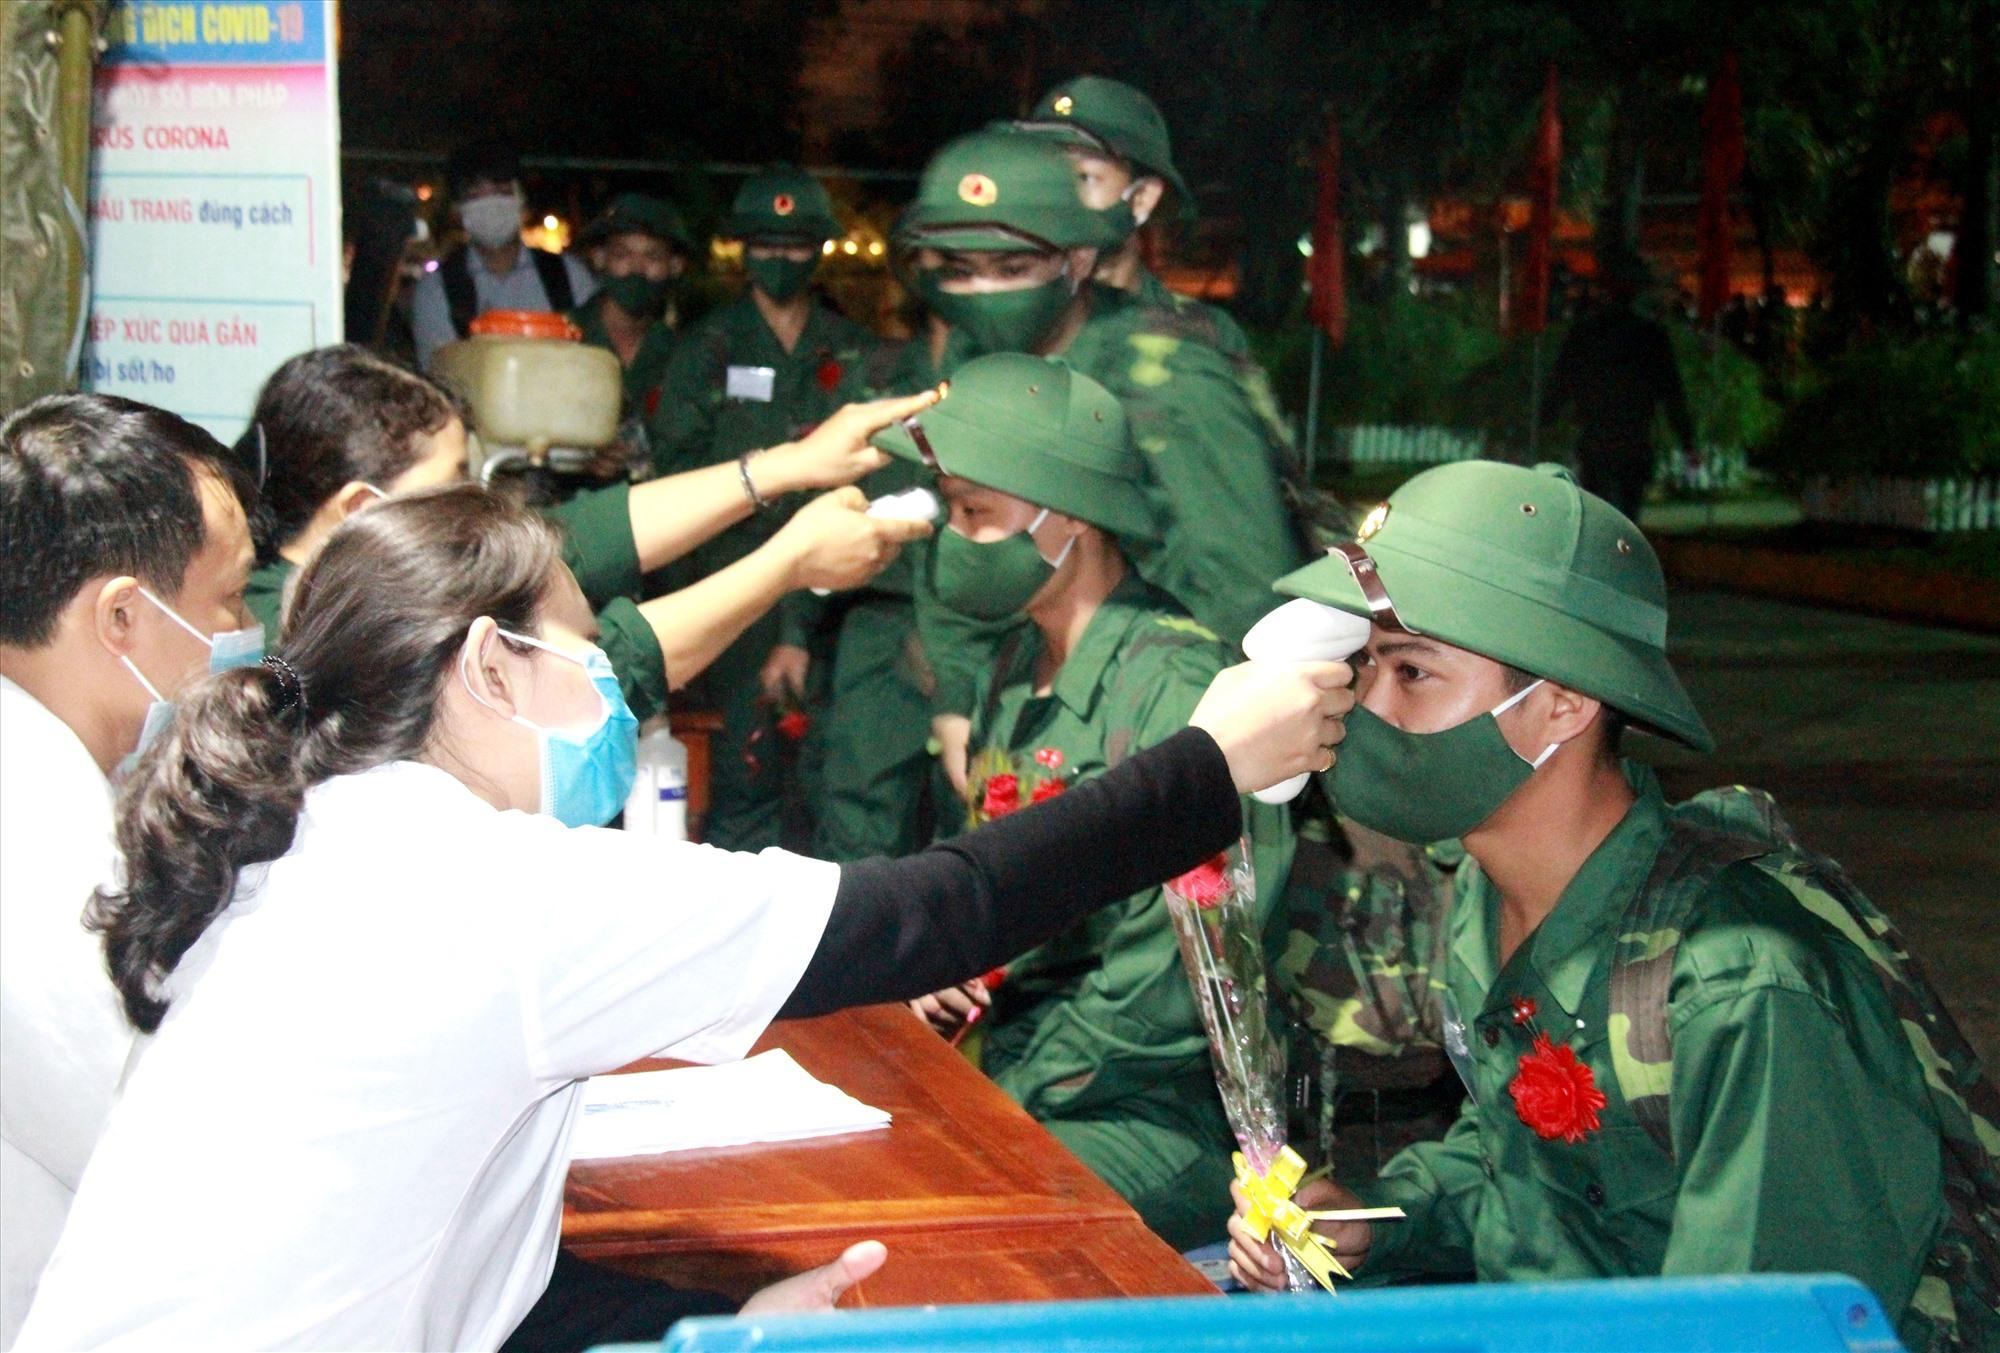 Để đảm bảo an toàn phòng dịch Covid-19, trước khi diễn ra lễ giao nhận quân, tất cả chiến sĩ đều được kiểm tra sức khỏe, do thân nhiệt theo quy định.Ảnh: ALĂNG NGƯỚC